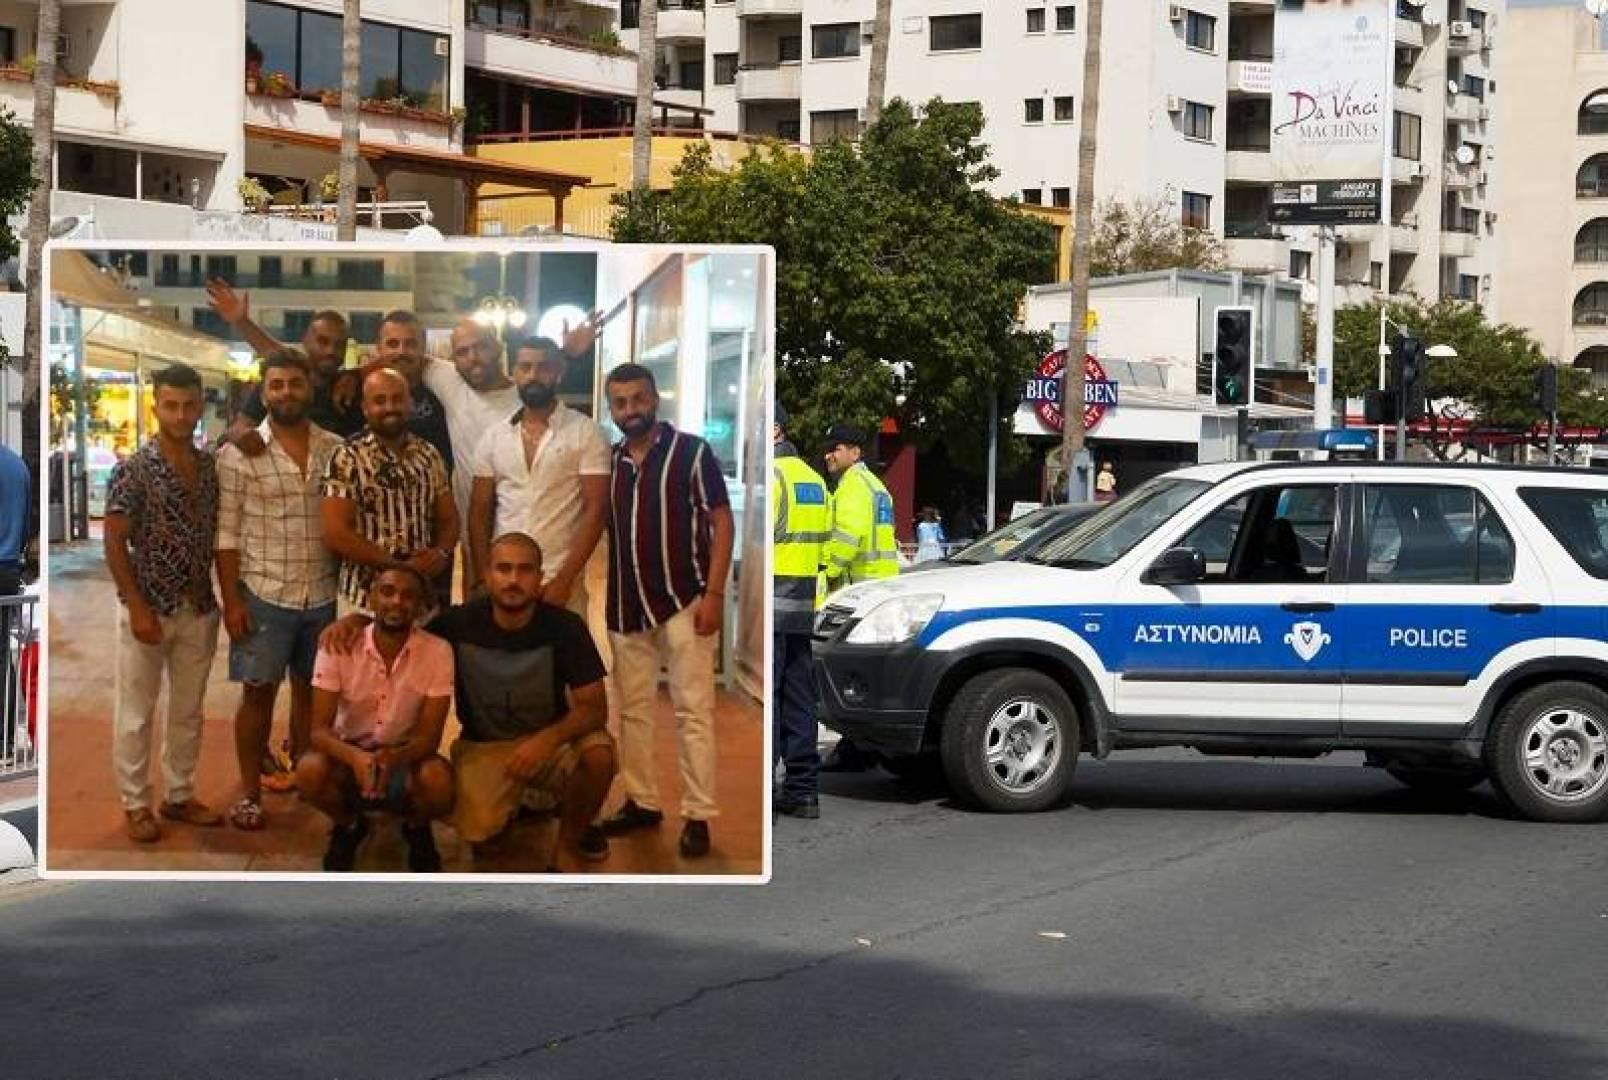 الكويتيون المحتجزون في قبرص.. يروون تفاصيل المشاجرة الدامية